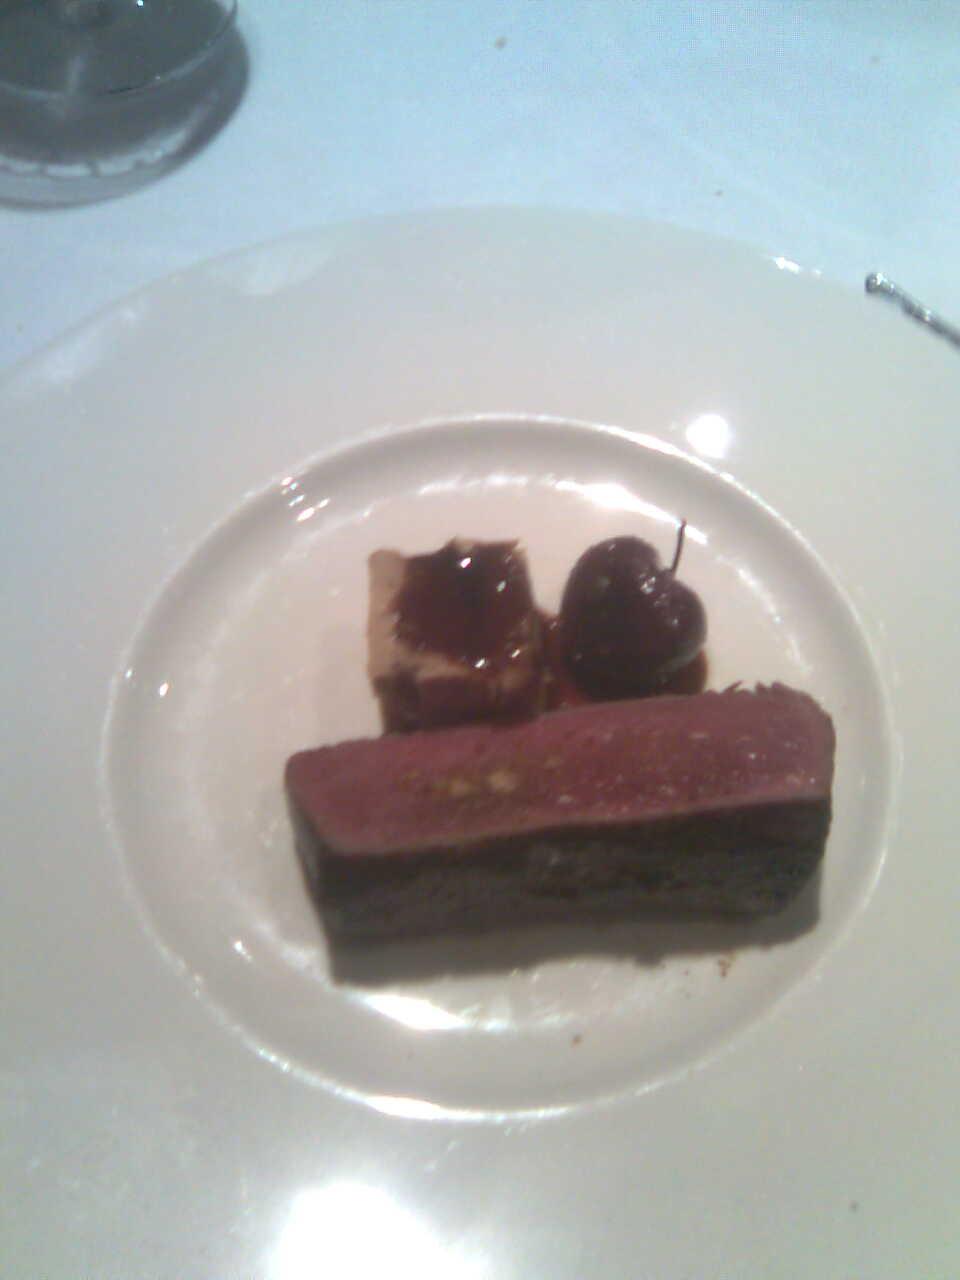 El Bohío (Toledo) Ciervo asado con foie gras y cerezas